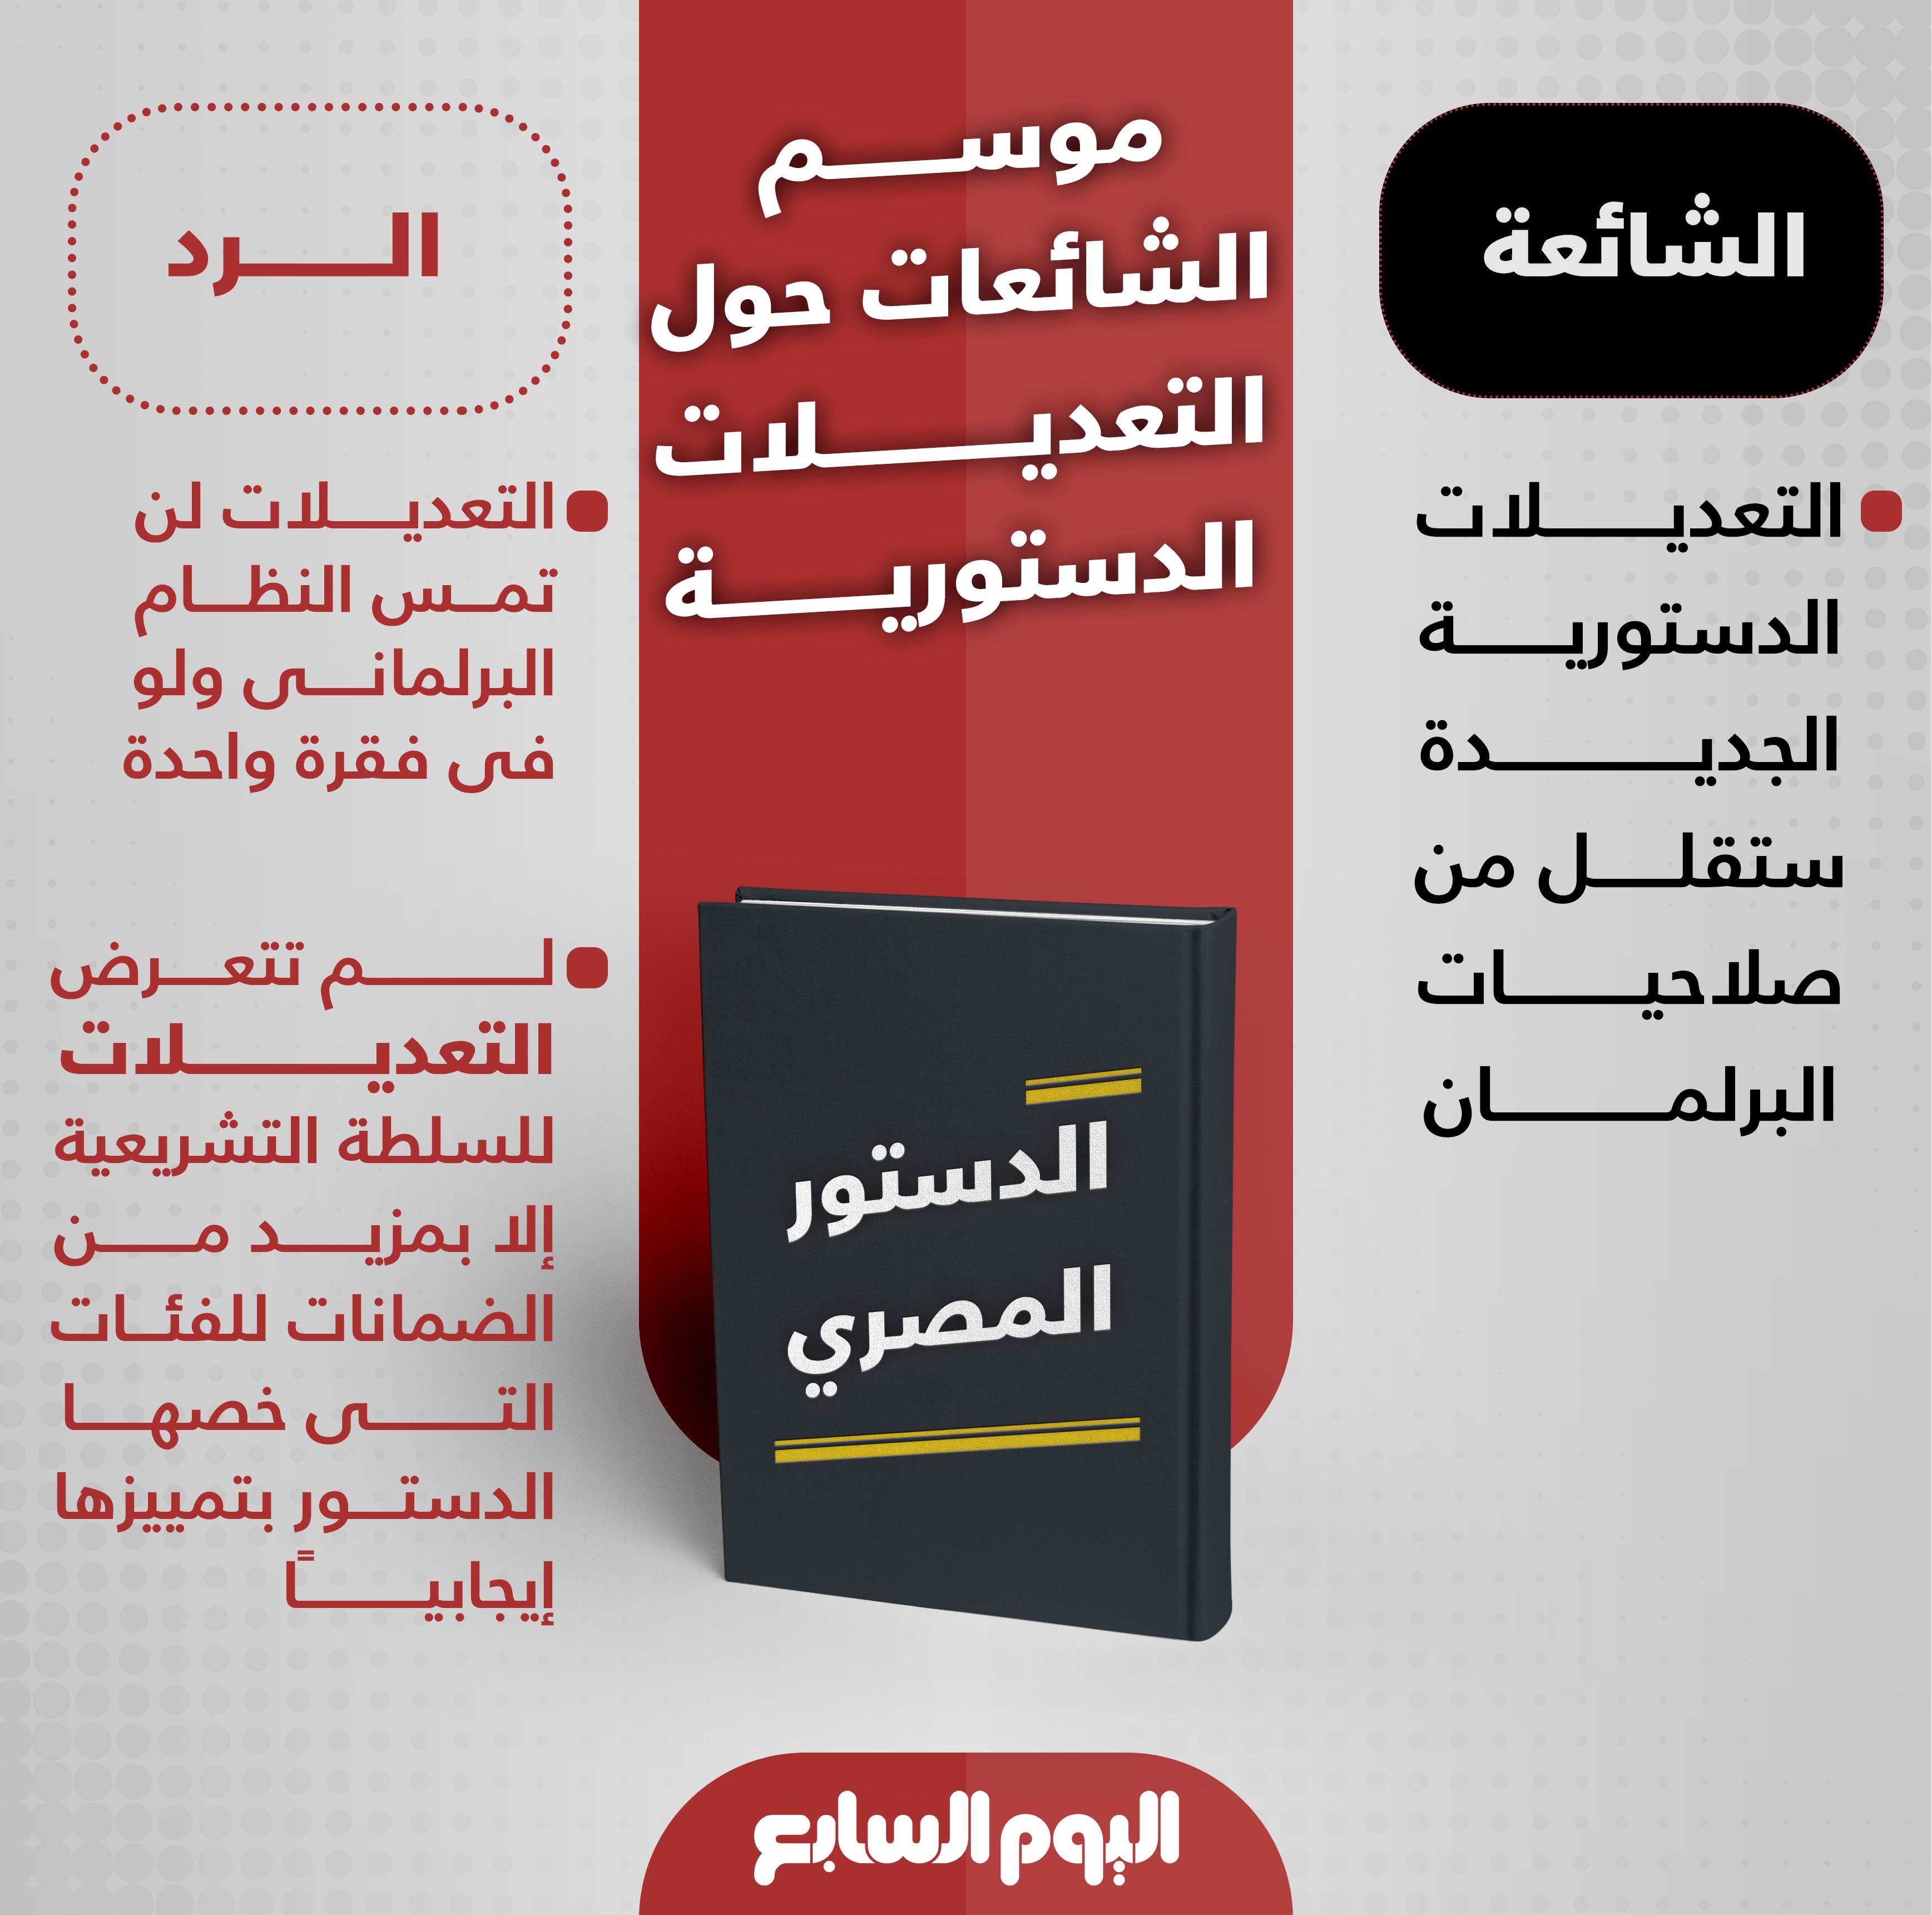 الشائعات حول تعديلات الدستور (1)